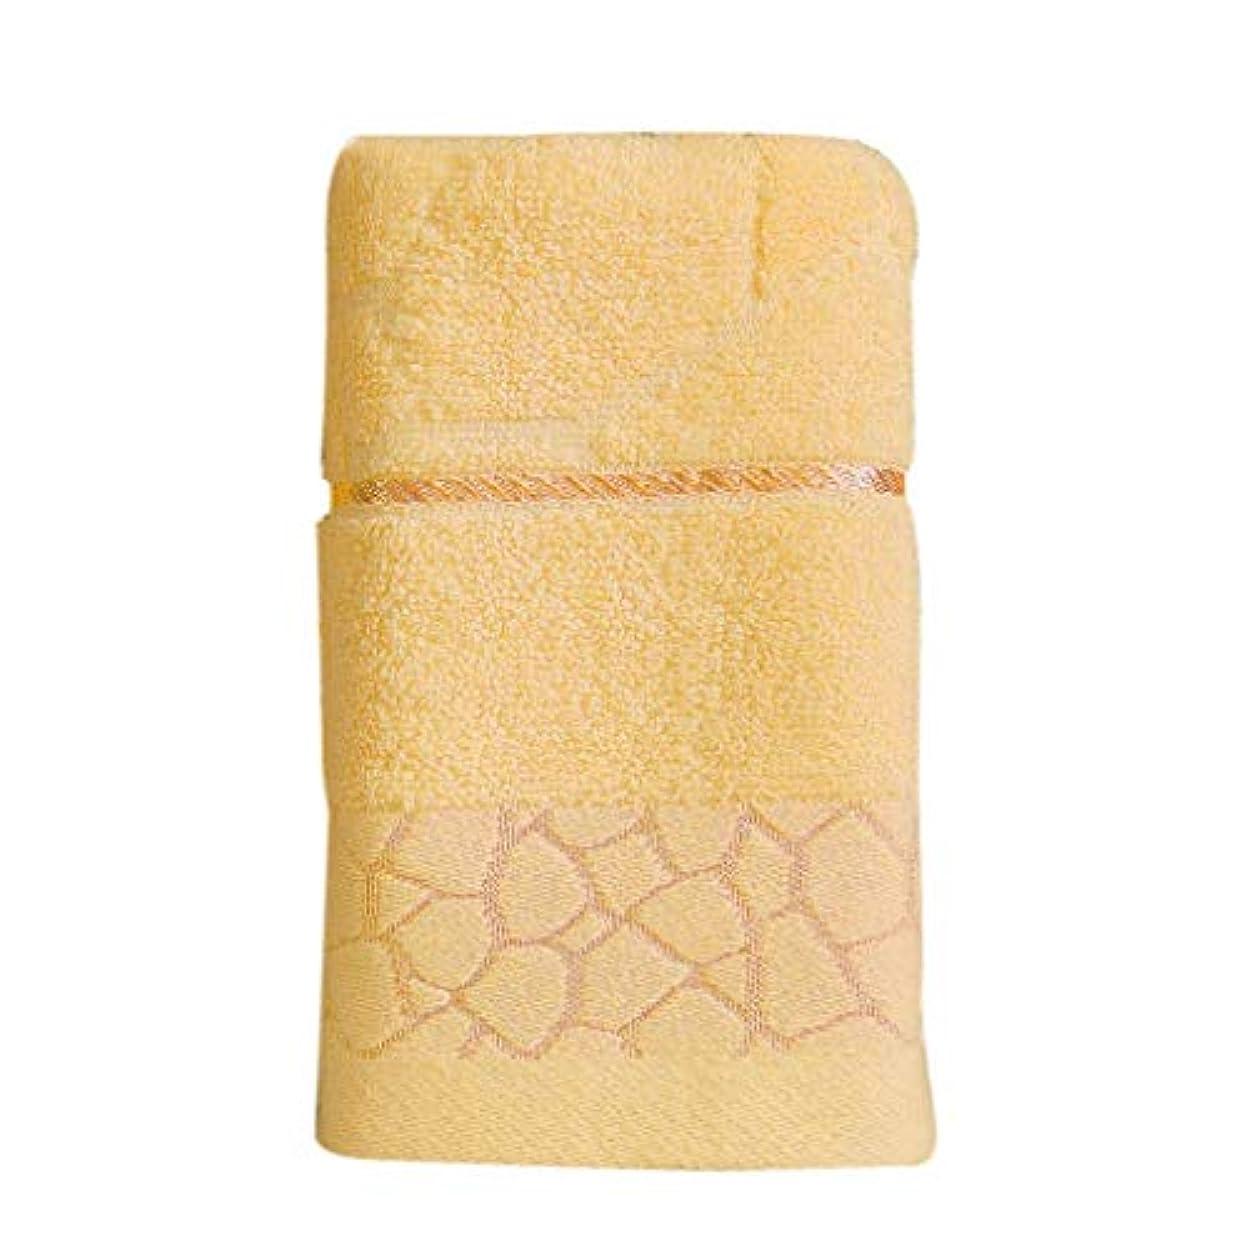 窓を洗う拒否構造的Maxcrestas - ウォーターキューブパターンピュアコットンタオルビーチバース吸収乾燥布